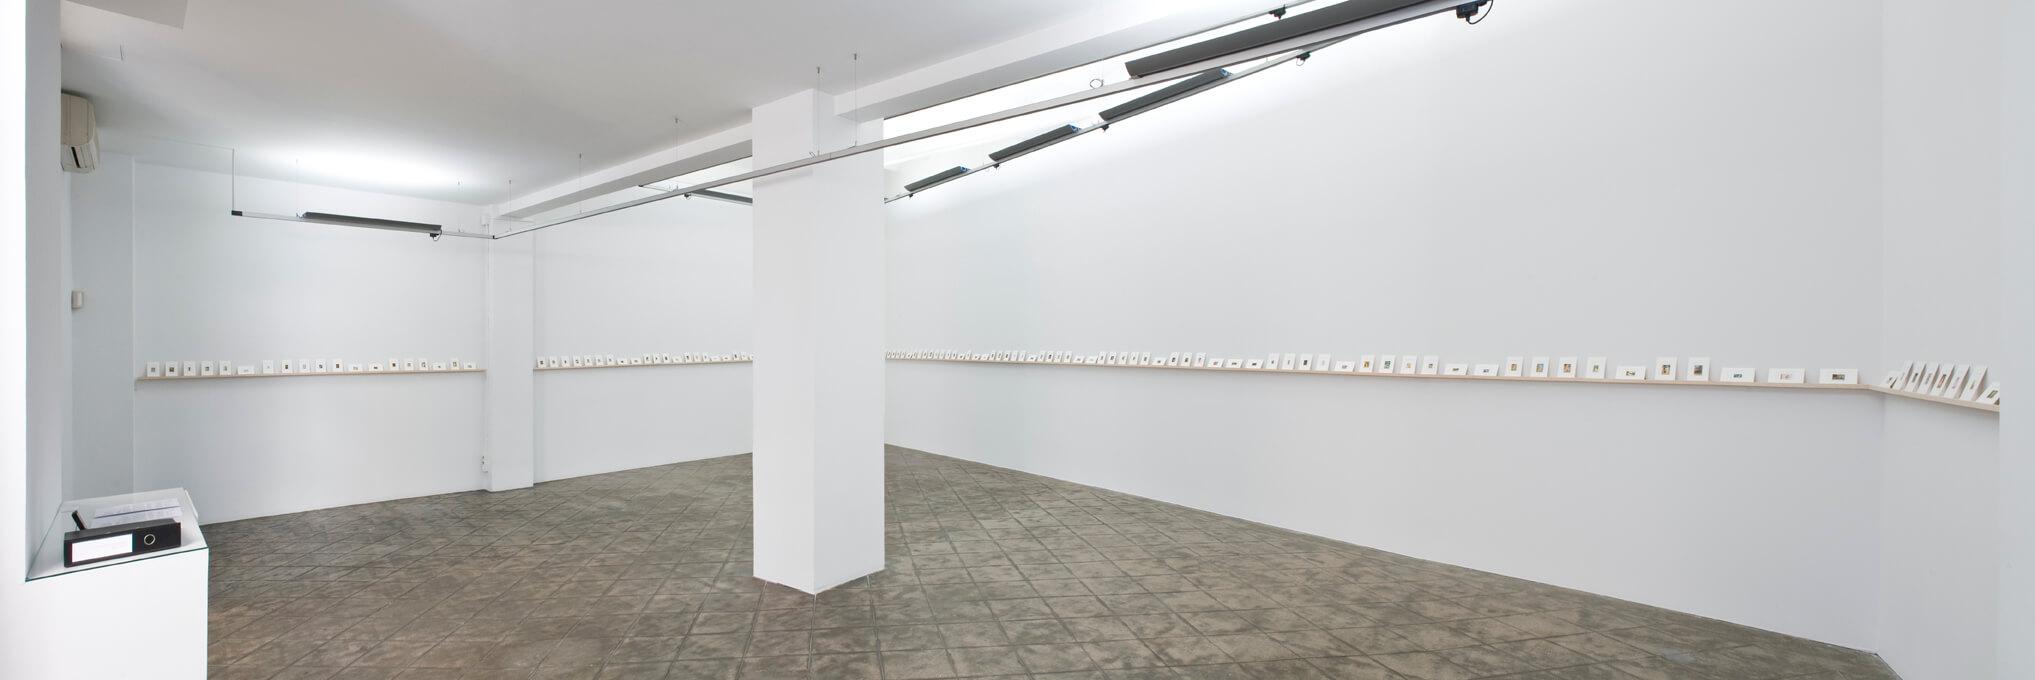 Installation view: Hans-Peter Feldmann, ProjecteSD, 2014 | Hans-Peter Feldmann | ProjecteSD